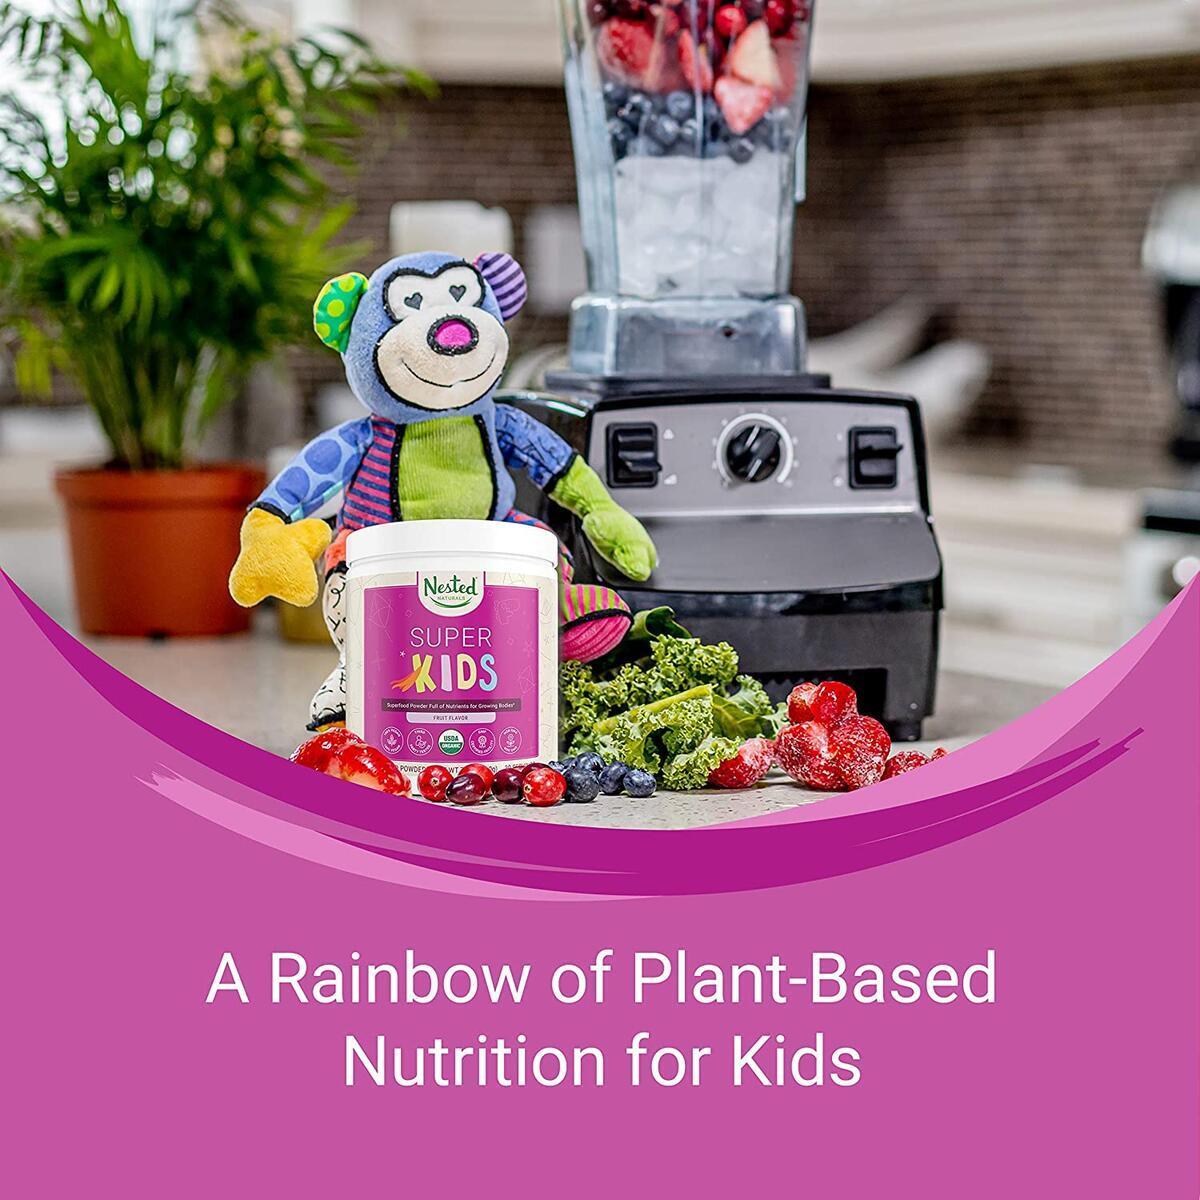 Nested Naturals Super Kids | 100% USDA Organic Vegan Superfood Powder for Kids | Natural Fruit Flavor 0g Sugar